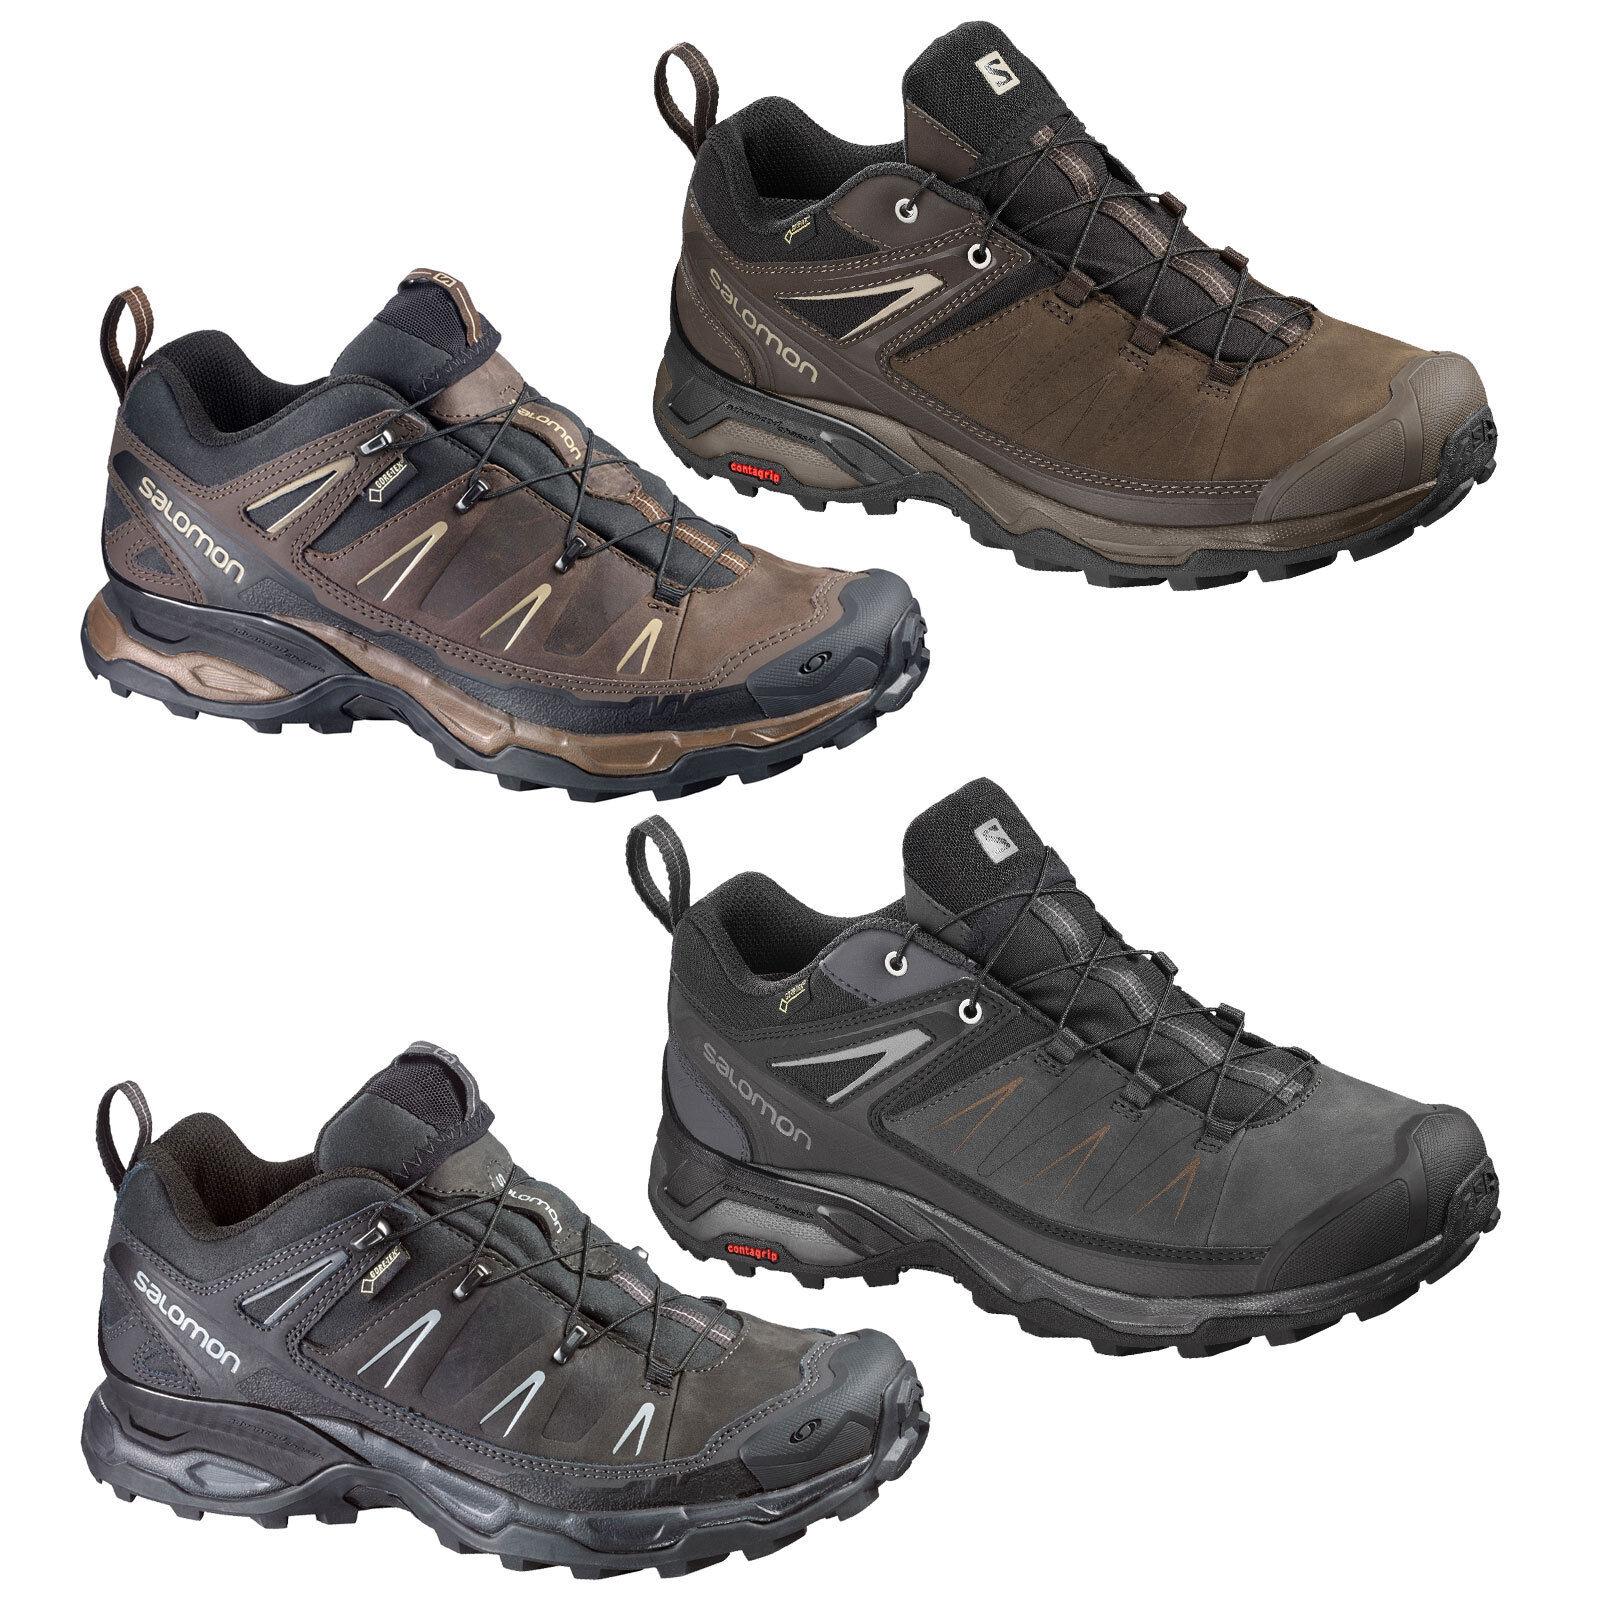 Salomon Schuhe X Ultra 3 GTX Gr 43 13 Outdoor Goretex